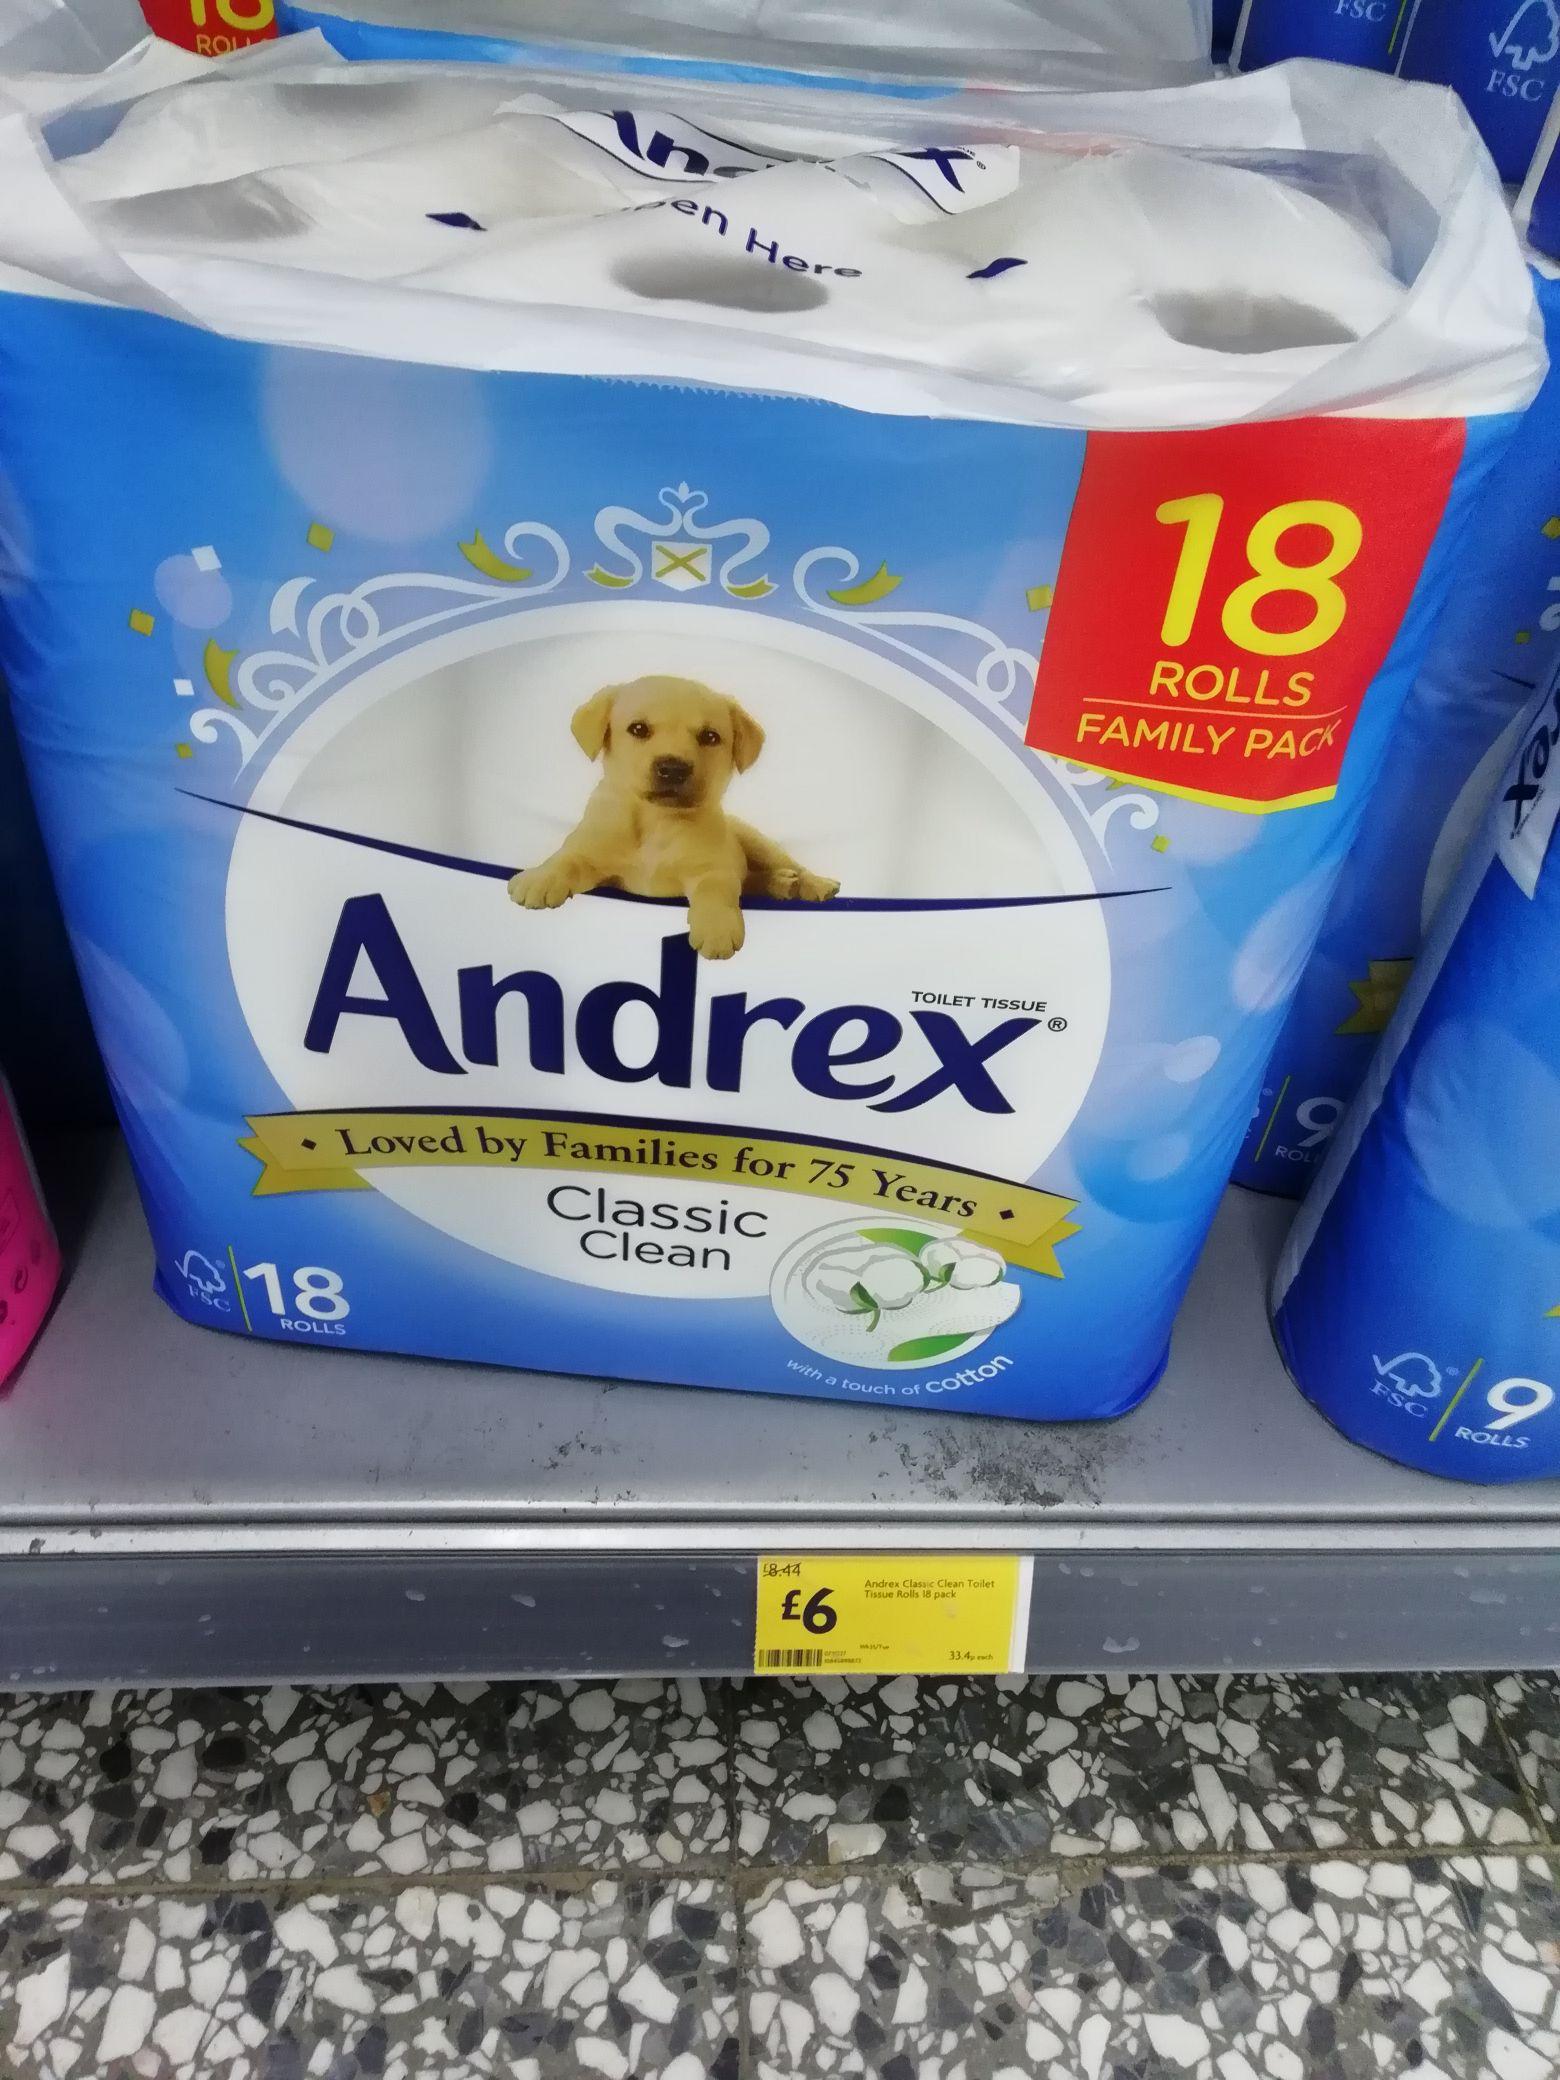 Andrex 18 rolls for £6 @ Morrisons